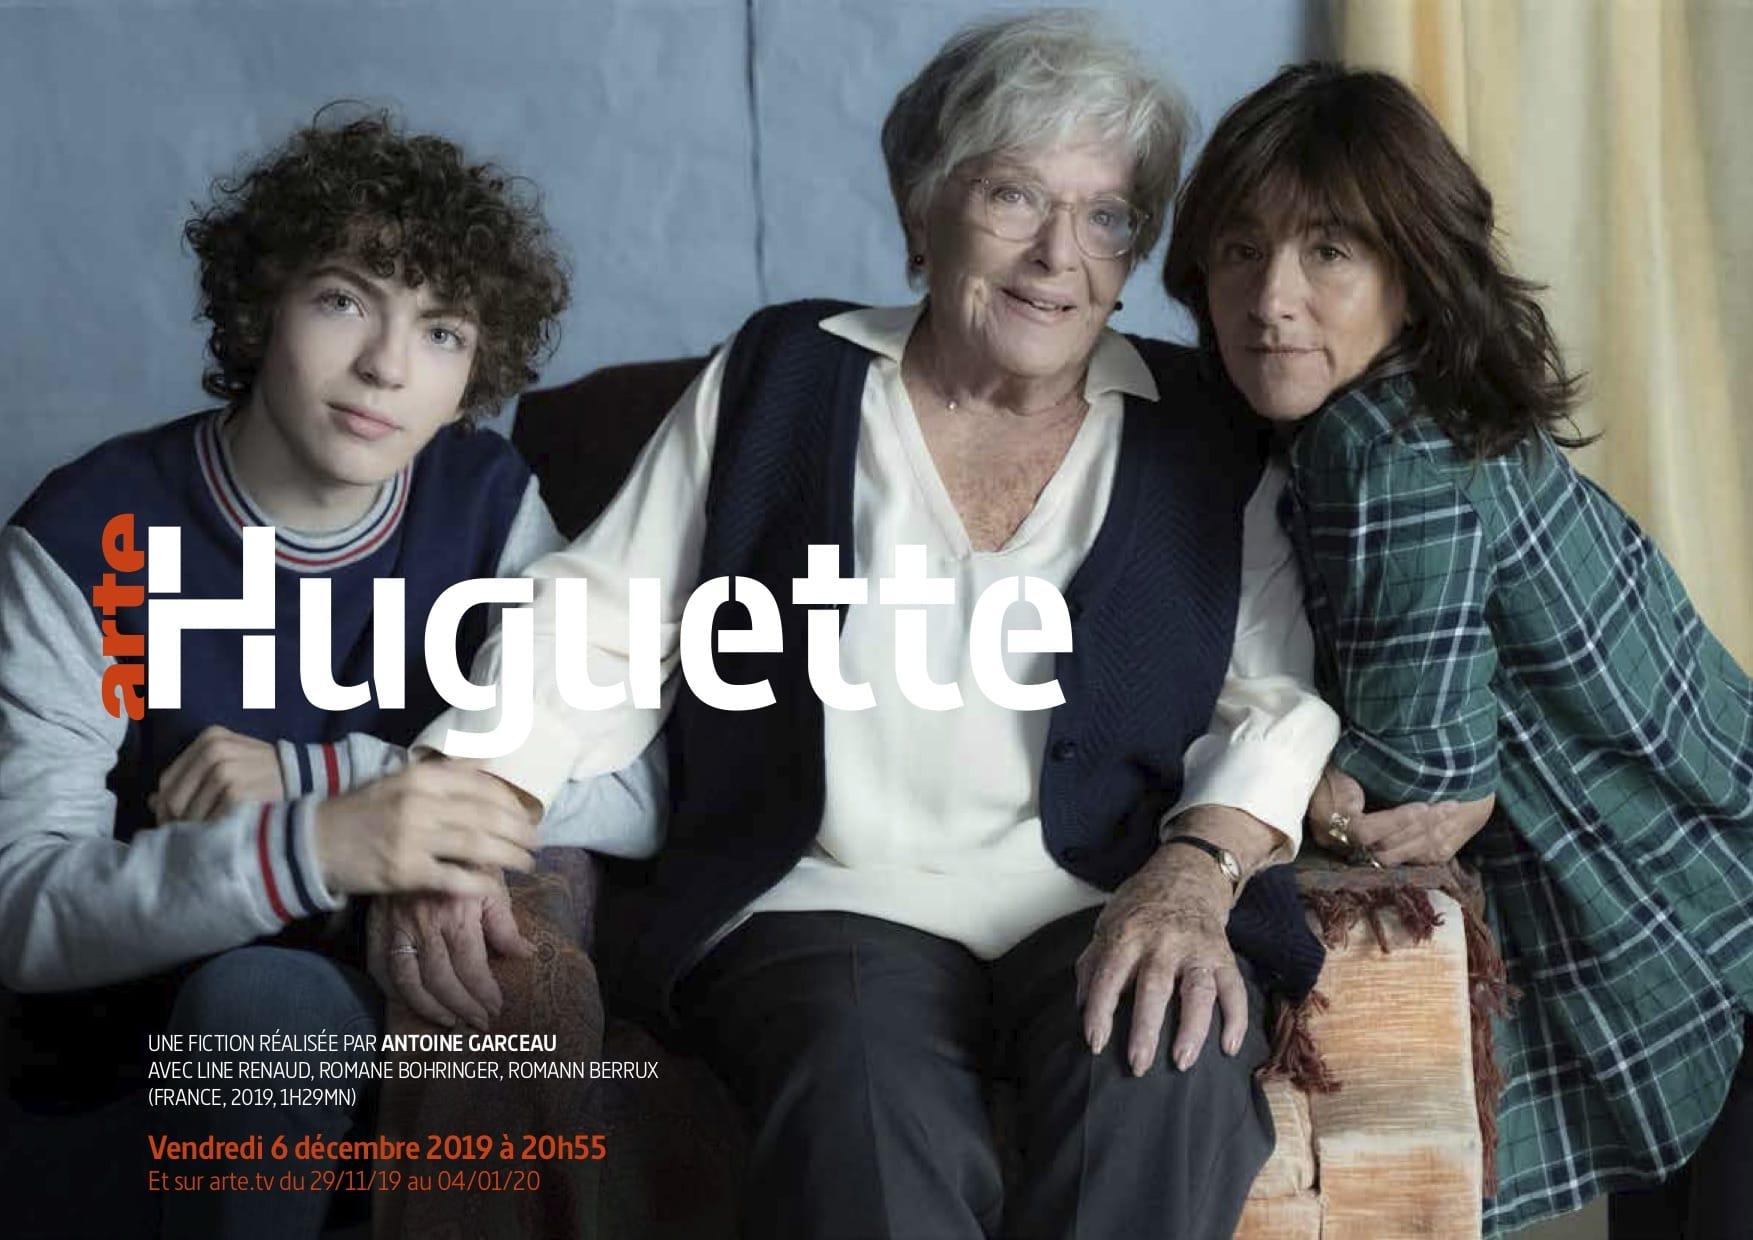 Huguette d'Antoine Garceau affiche téléfilm